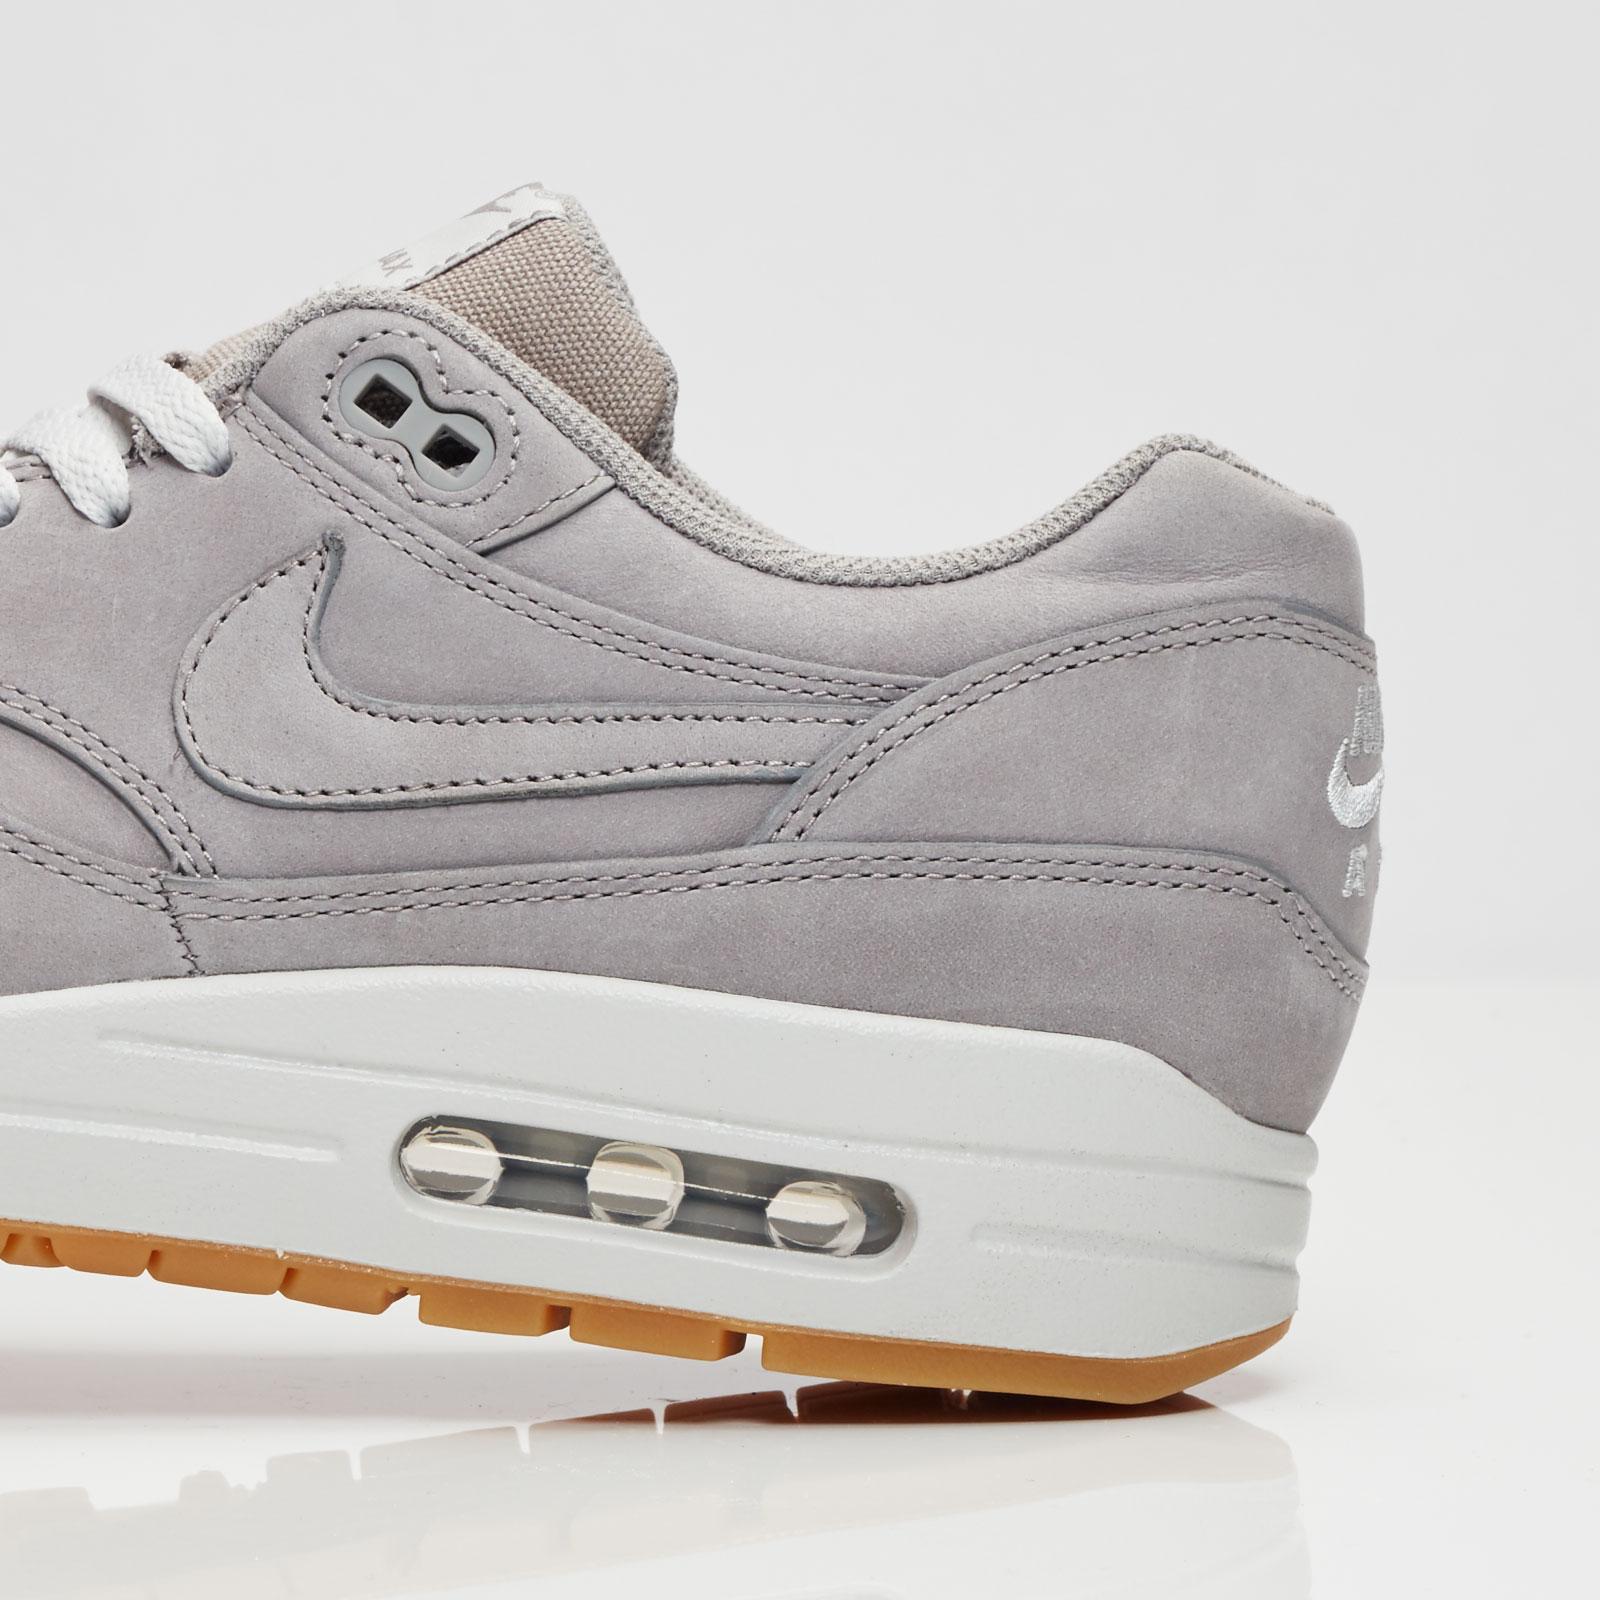 Ltr Air SneakersnstuffSneakers Max Nike Premium 005 705282 1 uF1J5Tcl3K